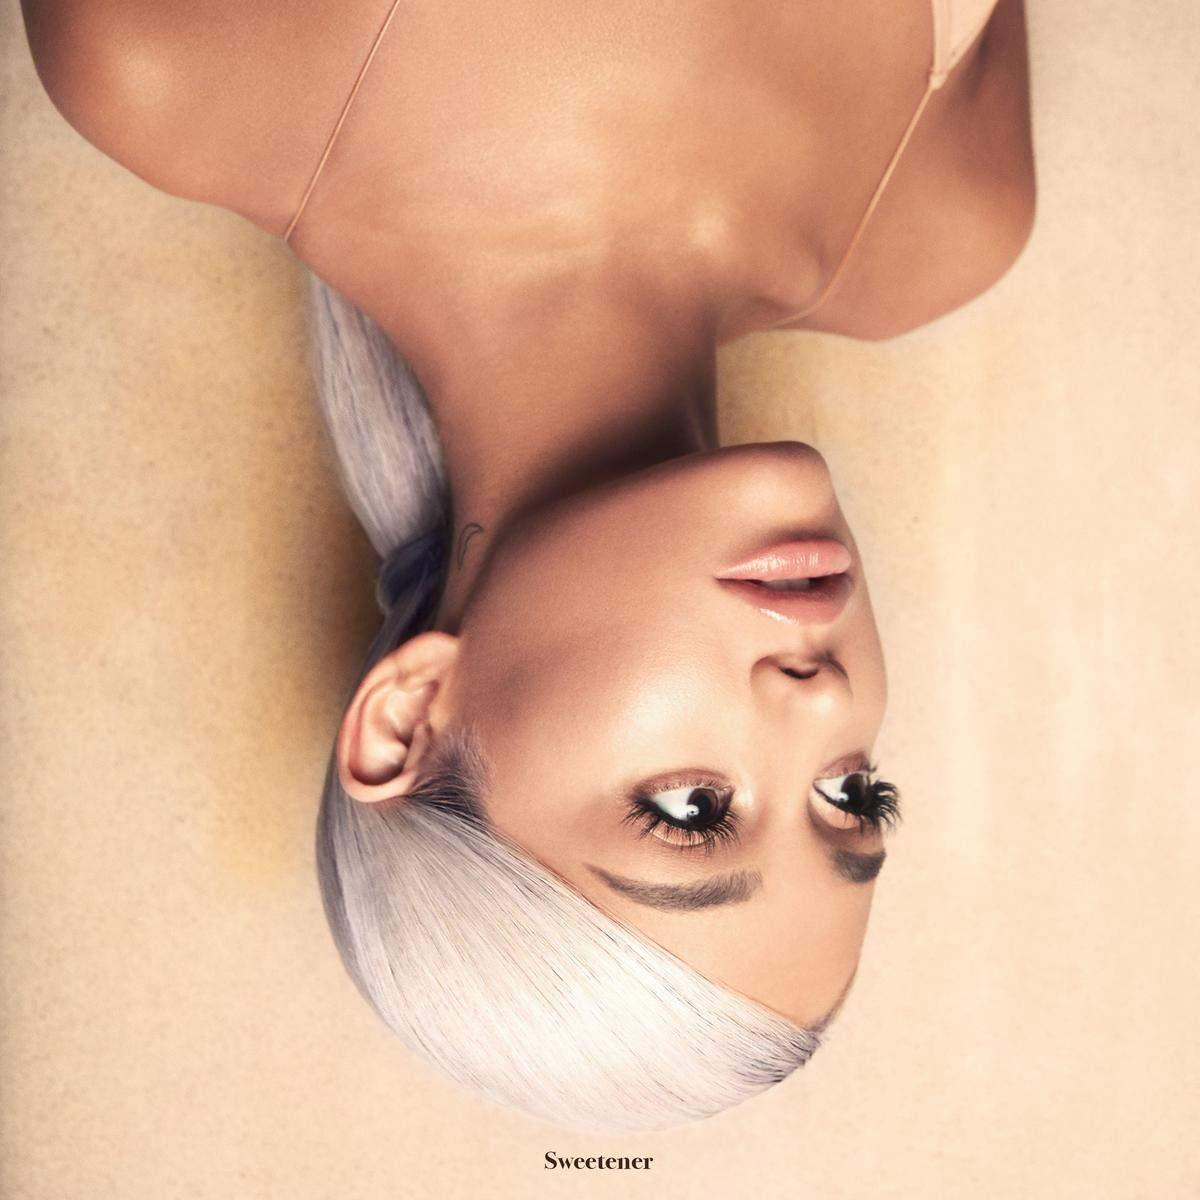 Ариана Гранде Ariana Grande. Sweetener (2 LP) цена 2017